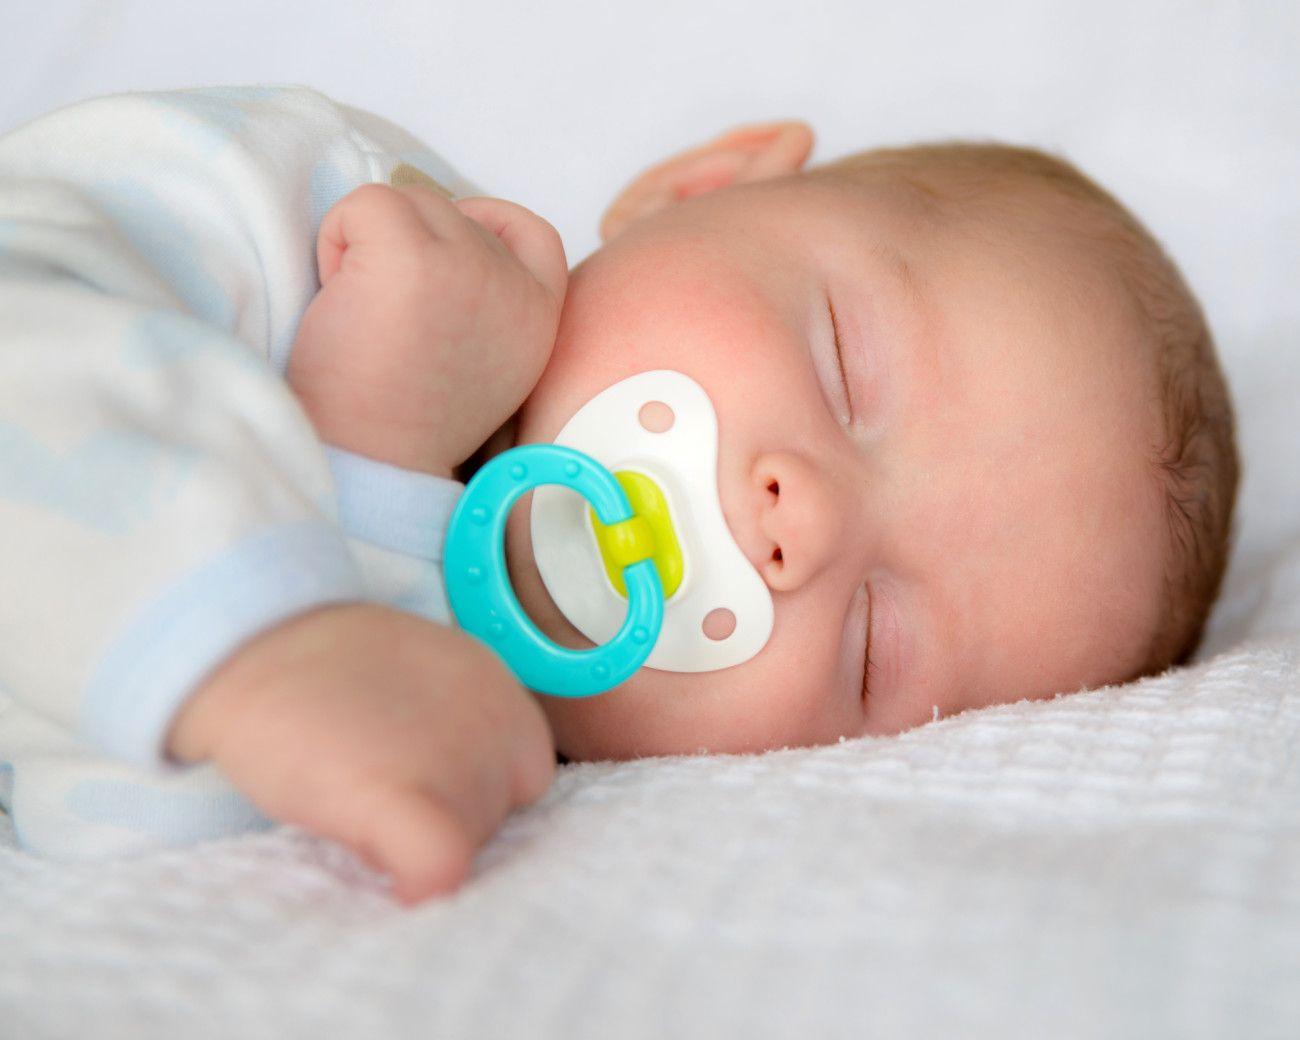 sch ne jungennamen 53 vornamen f r jungen jungennamen pinterest baby neugeborene und. Black Bedroom Furniture Sets. Home Design Ideas